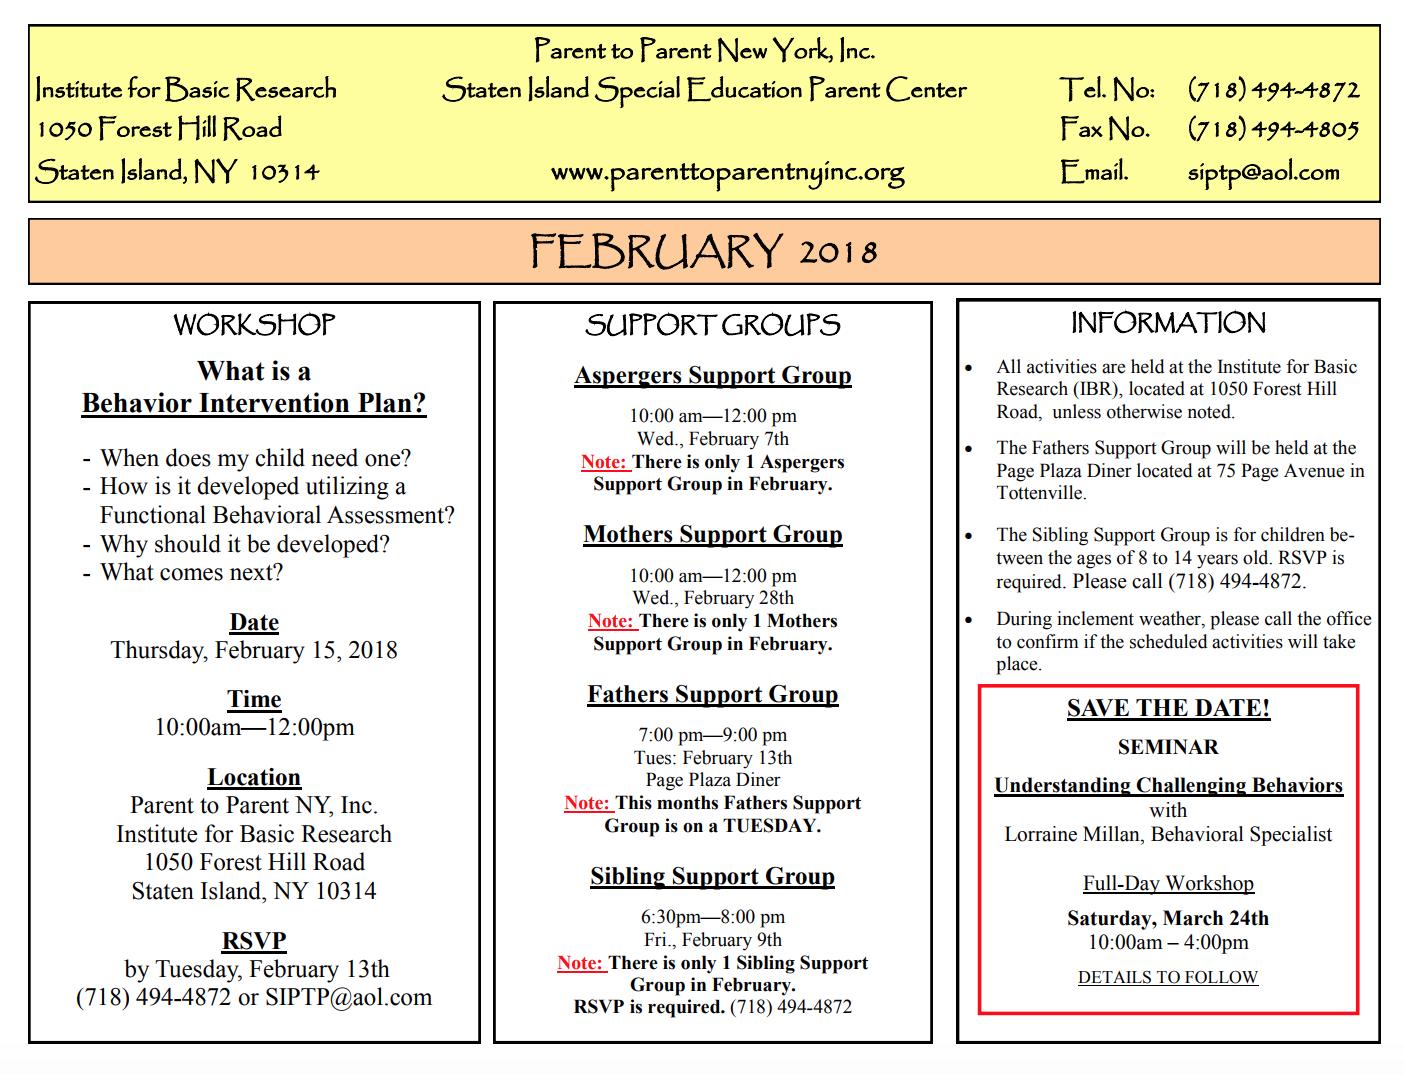 parent to parent february 2018 calendar